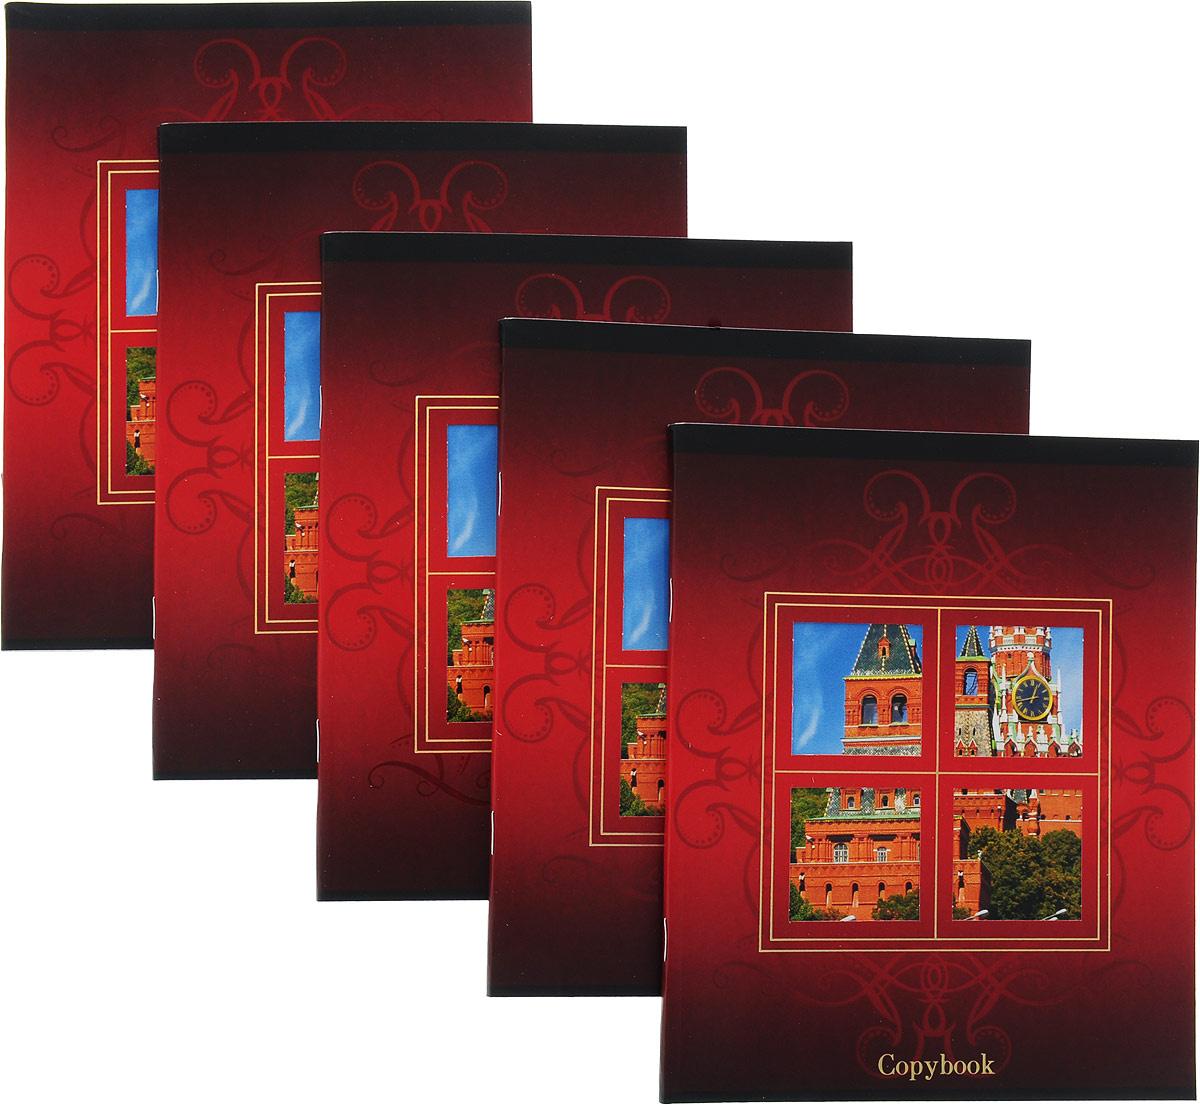 КТС-Про Набор тетрадей Взгляни по-новому Спасская башня 48 листов в клетку 5 шт  #1